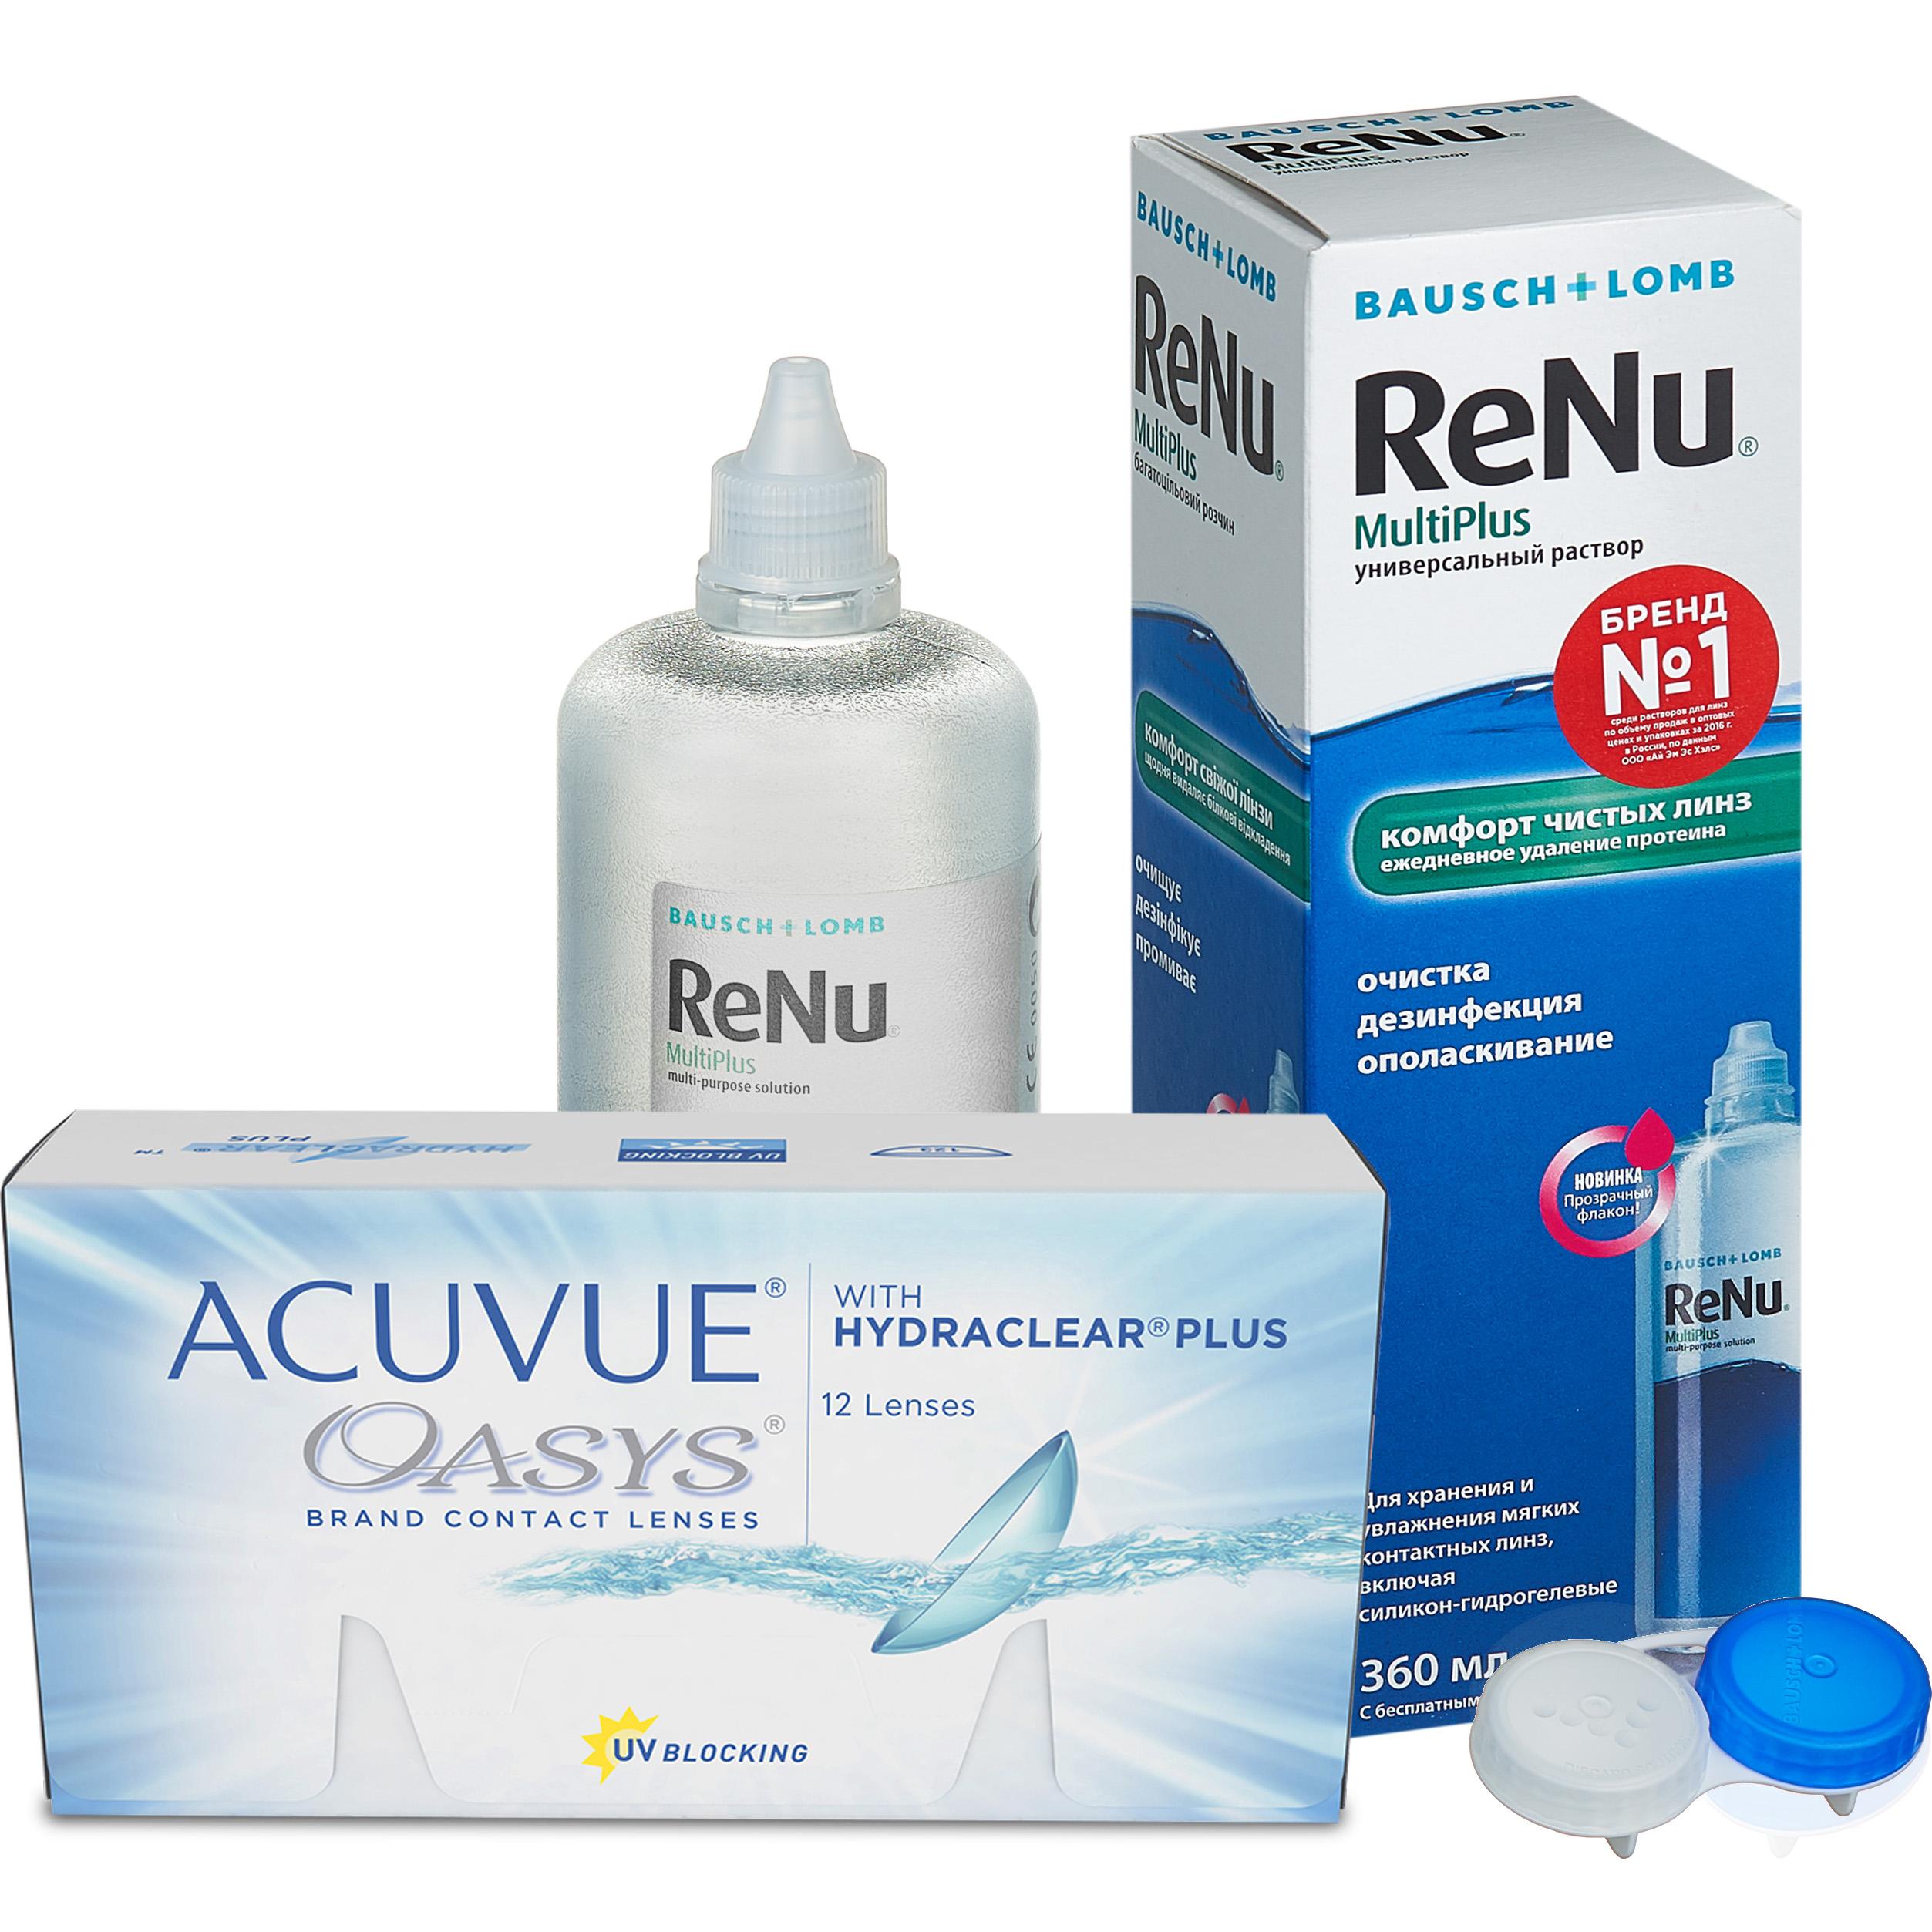 Купить Oasys with Hydraclear Plus 12 линз + ReNu MultiPlus, Линзы Acuvue Oasys with Hydraclear Plus 12 линз R 8.8 -2, 25 + ReNu Multi Plus 360 мл